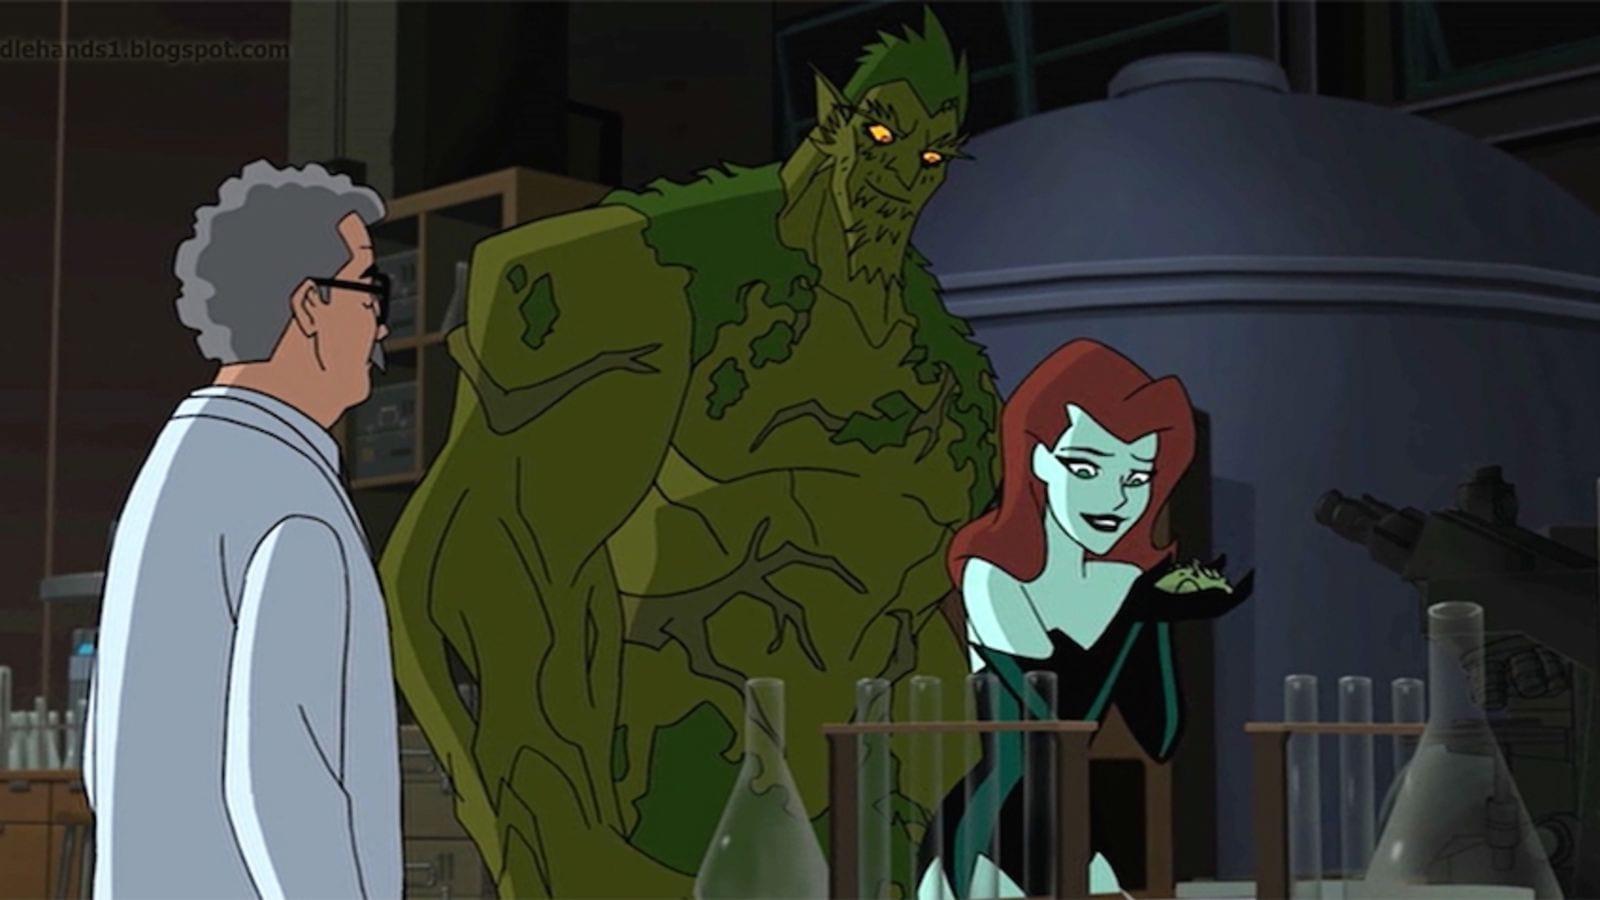 Kevin Durand elegido como el Hombre Florónico en Swamp Thing